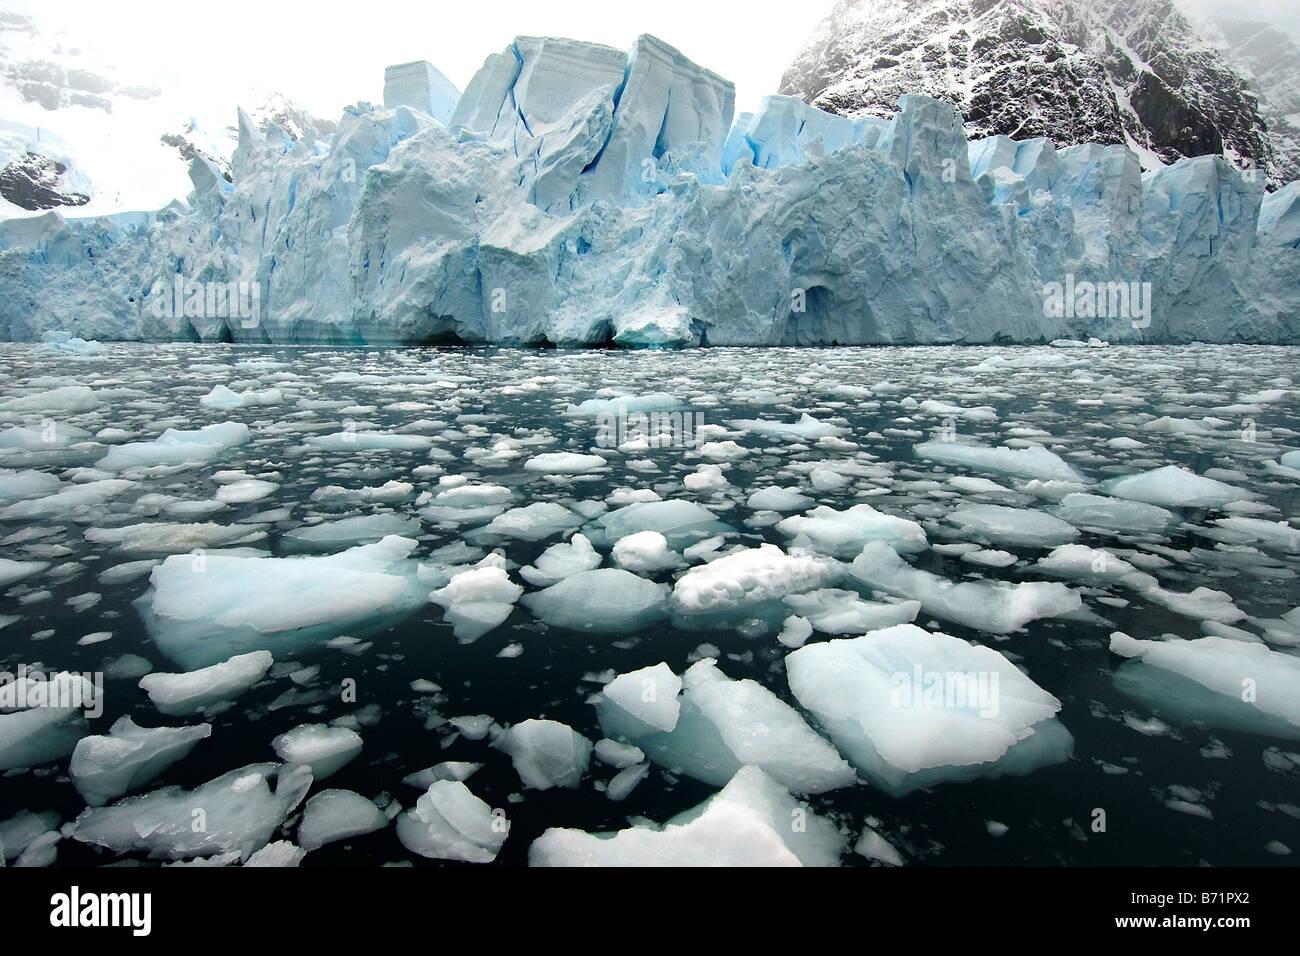 Antartica glaciar, luogo remoto, luogo selvaggio, freddo, ghiaccio, neve e blocchi di ghiaccio Immagini Stock